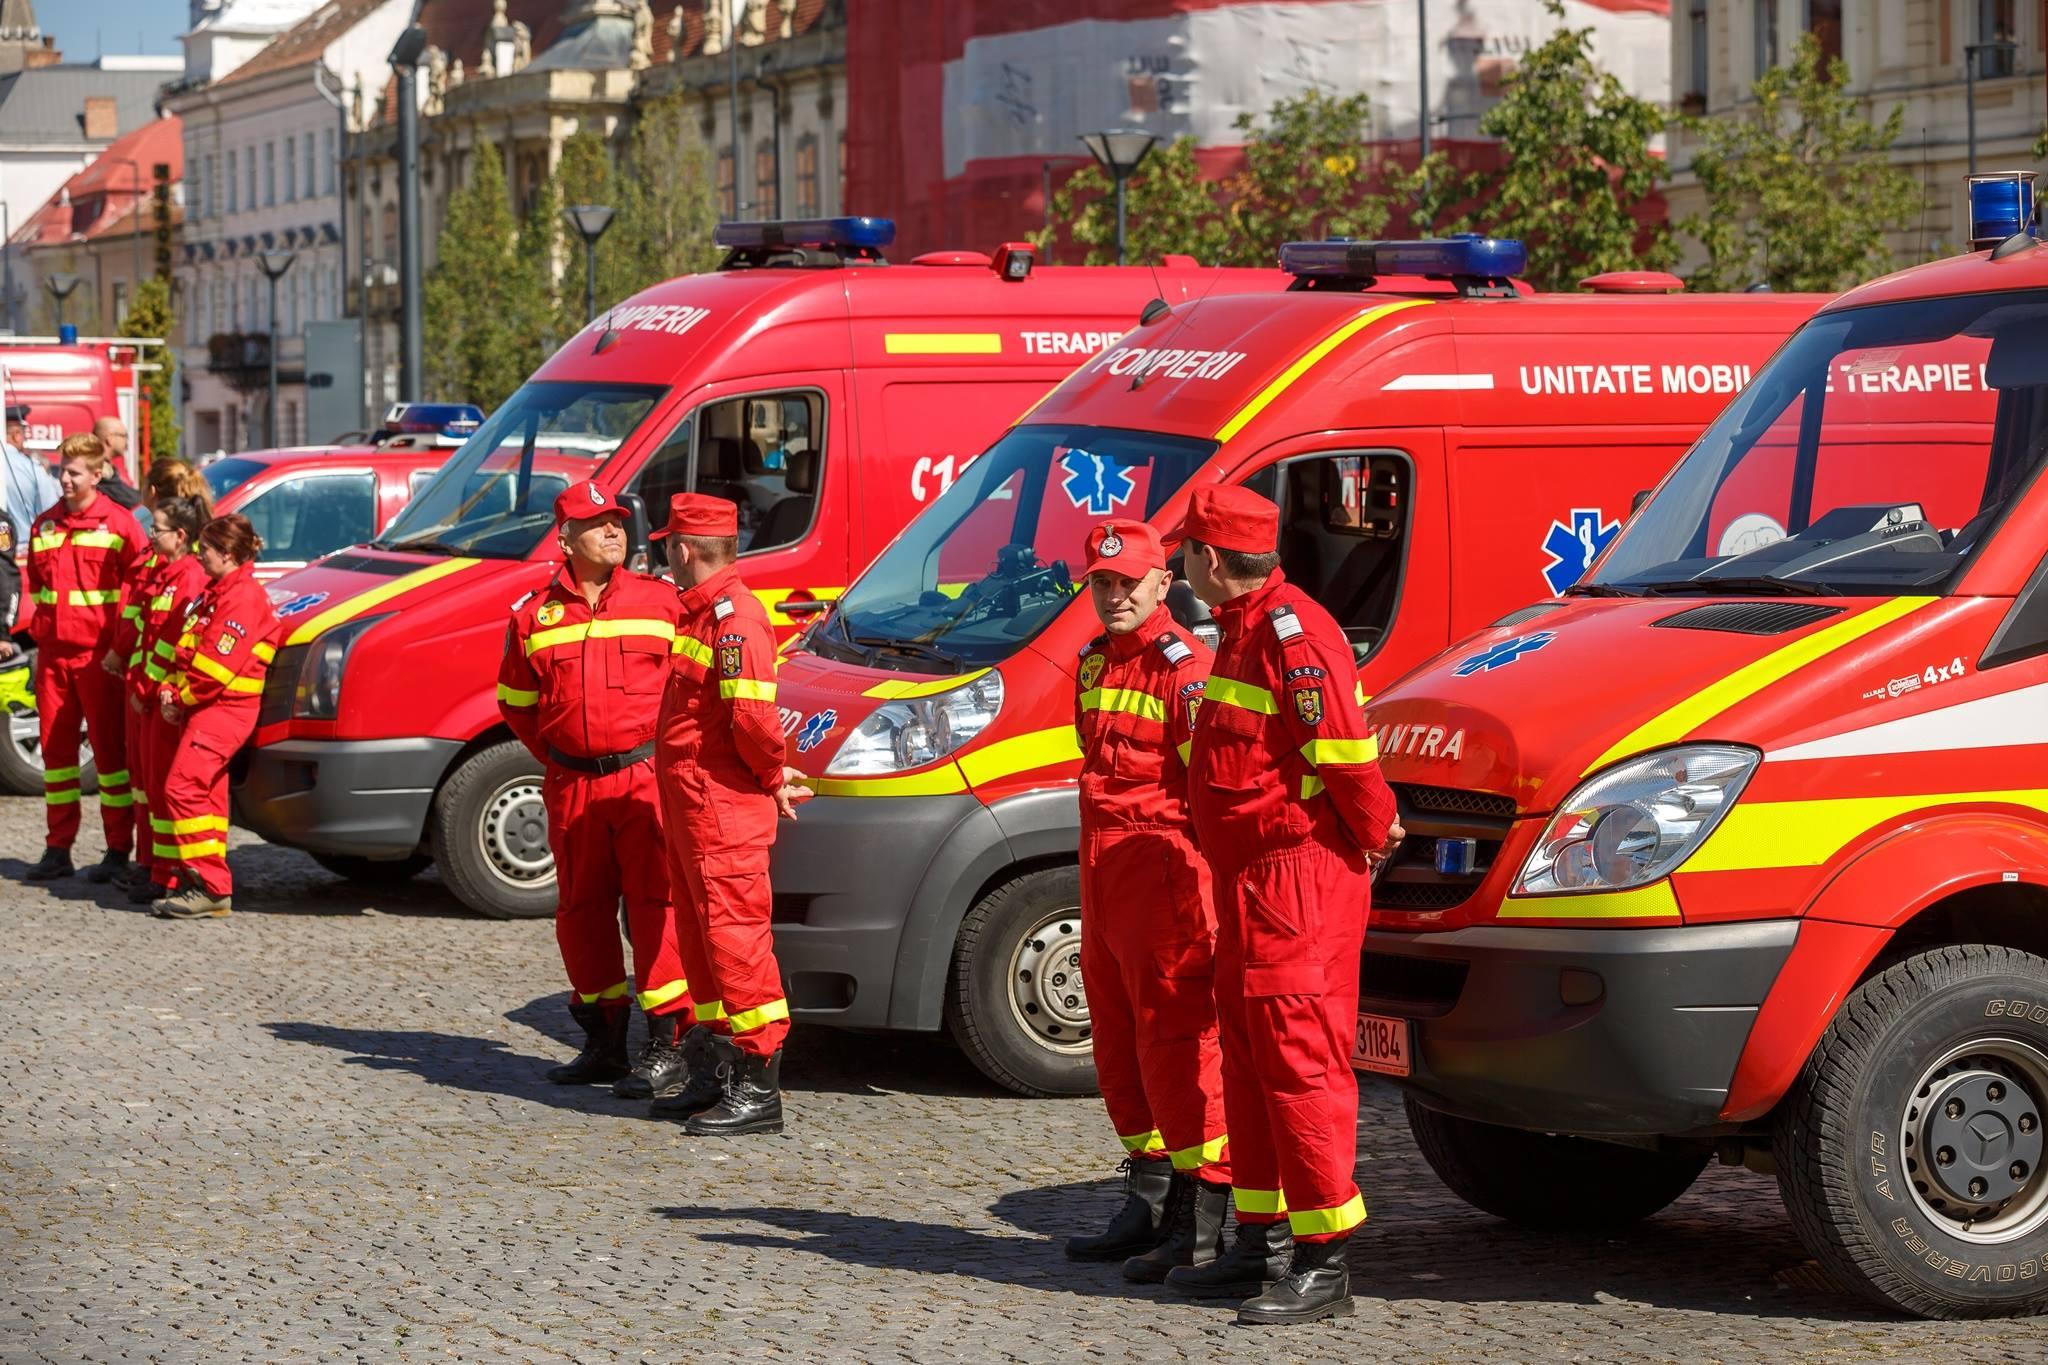 Primăria Cluj-Napoca sprijină anul acesta serviciul SMURD Cluj cu 120.000 lei de la bugetul local